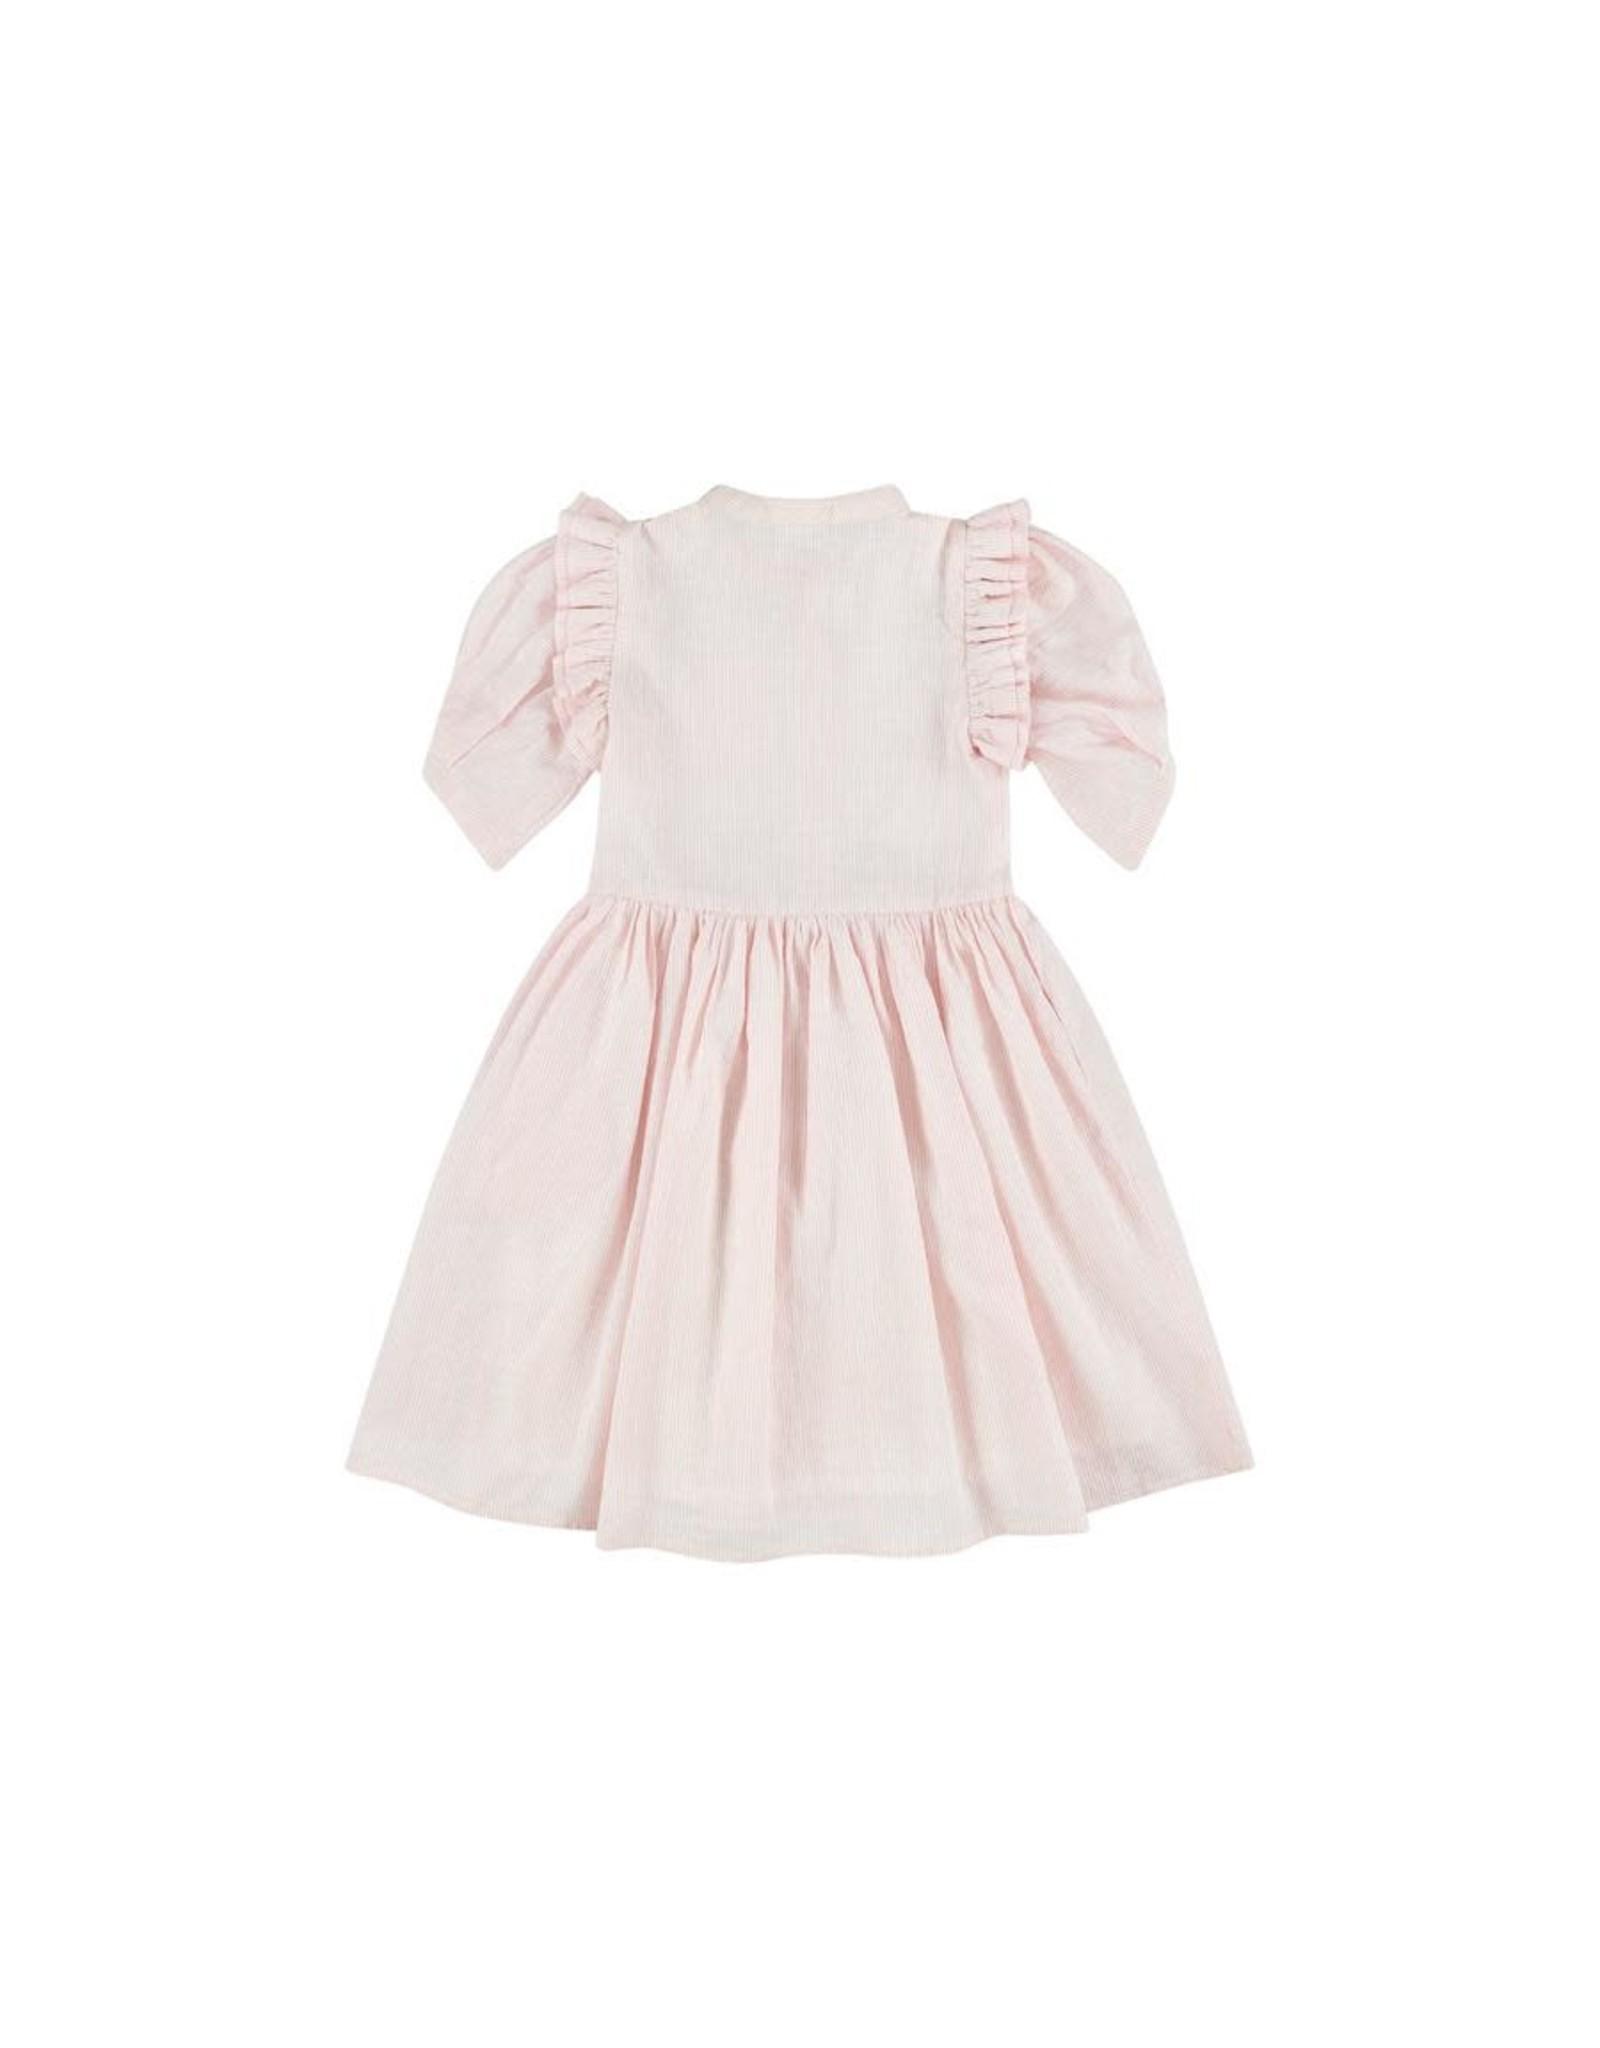 Morley Morley SS21 Nicky Boston rose dress